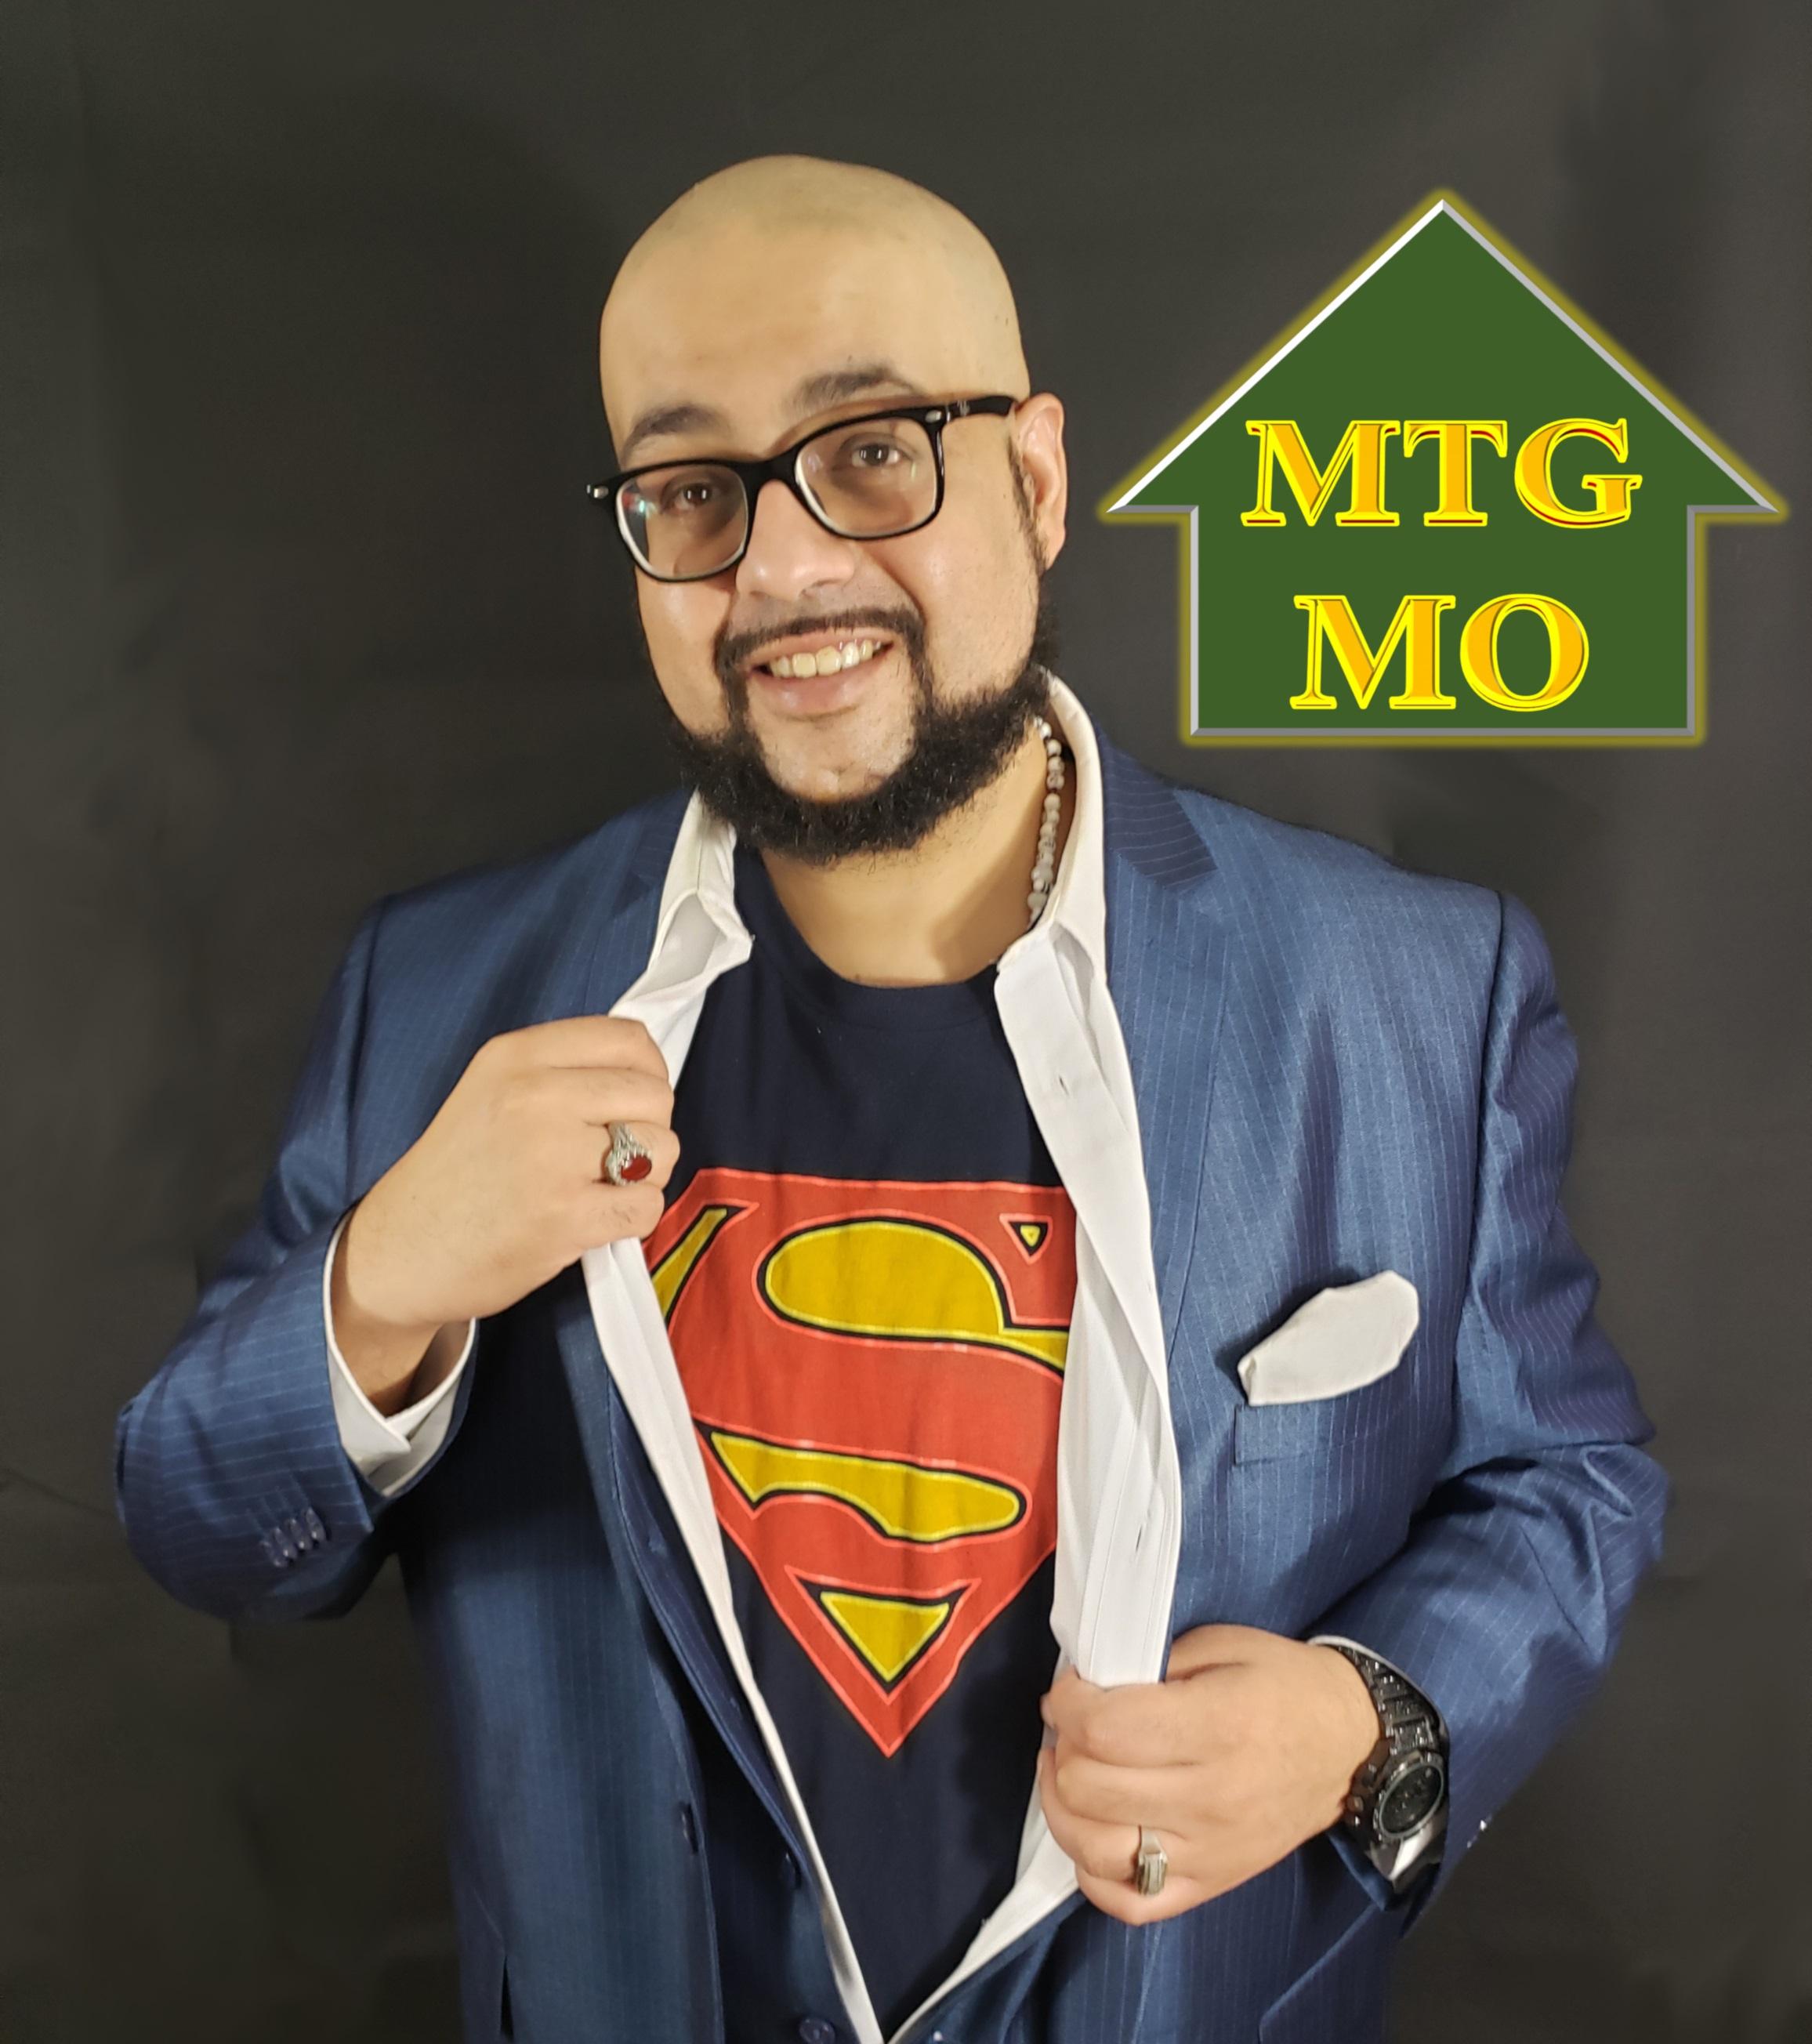 Mohamed T Gulamali